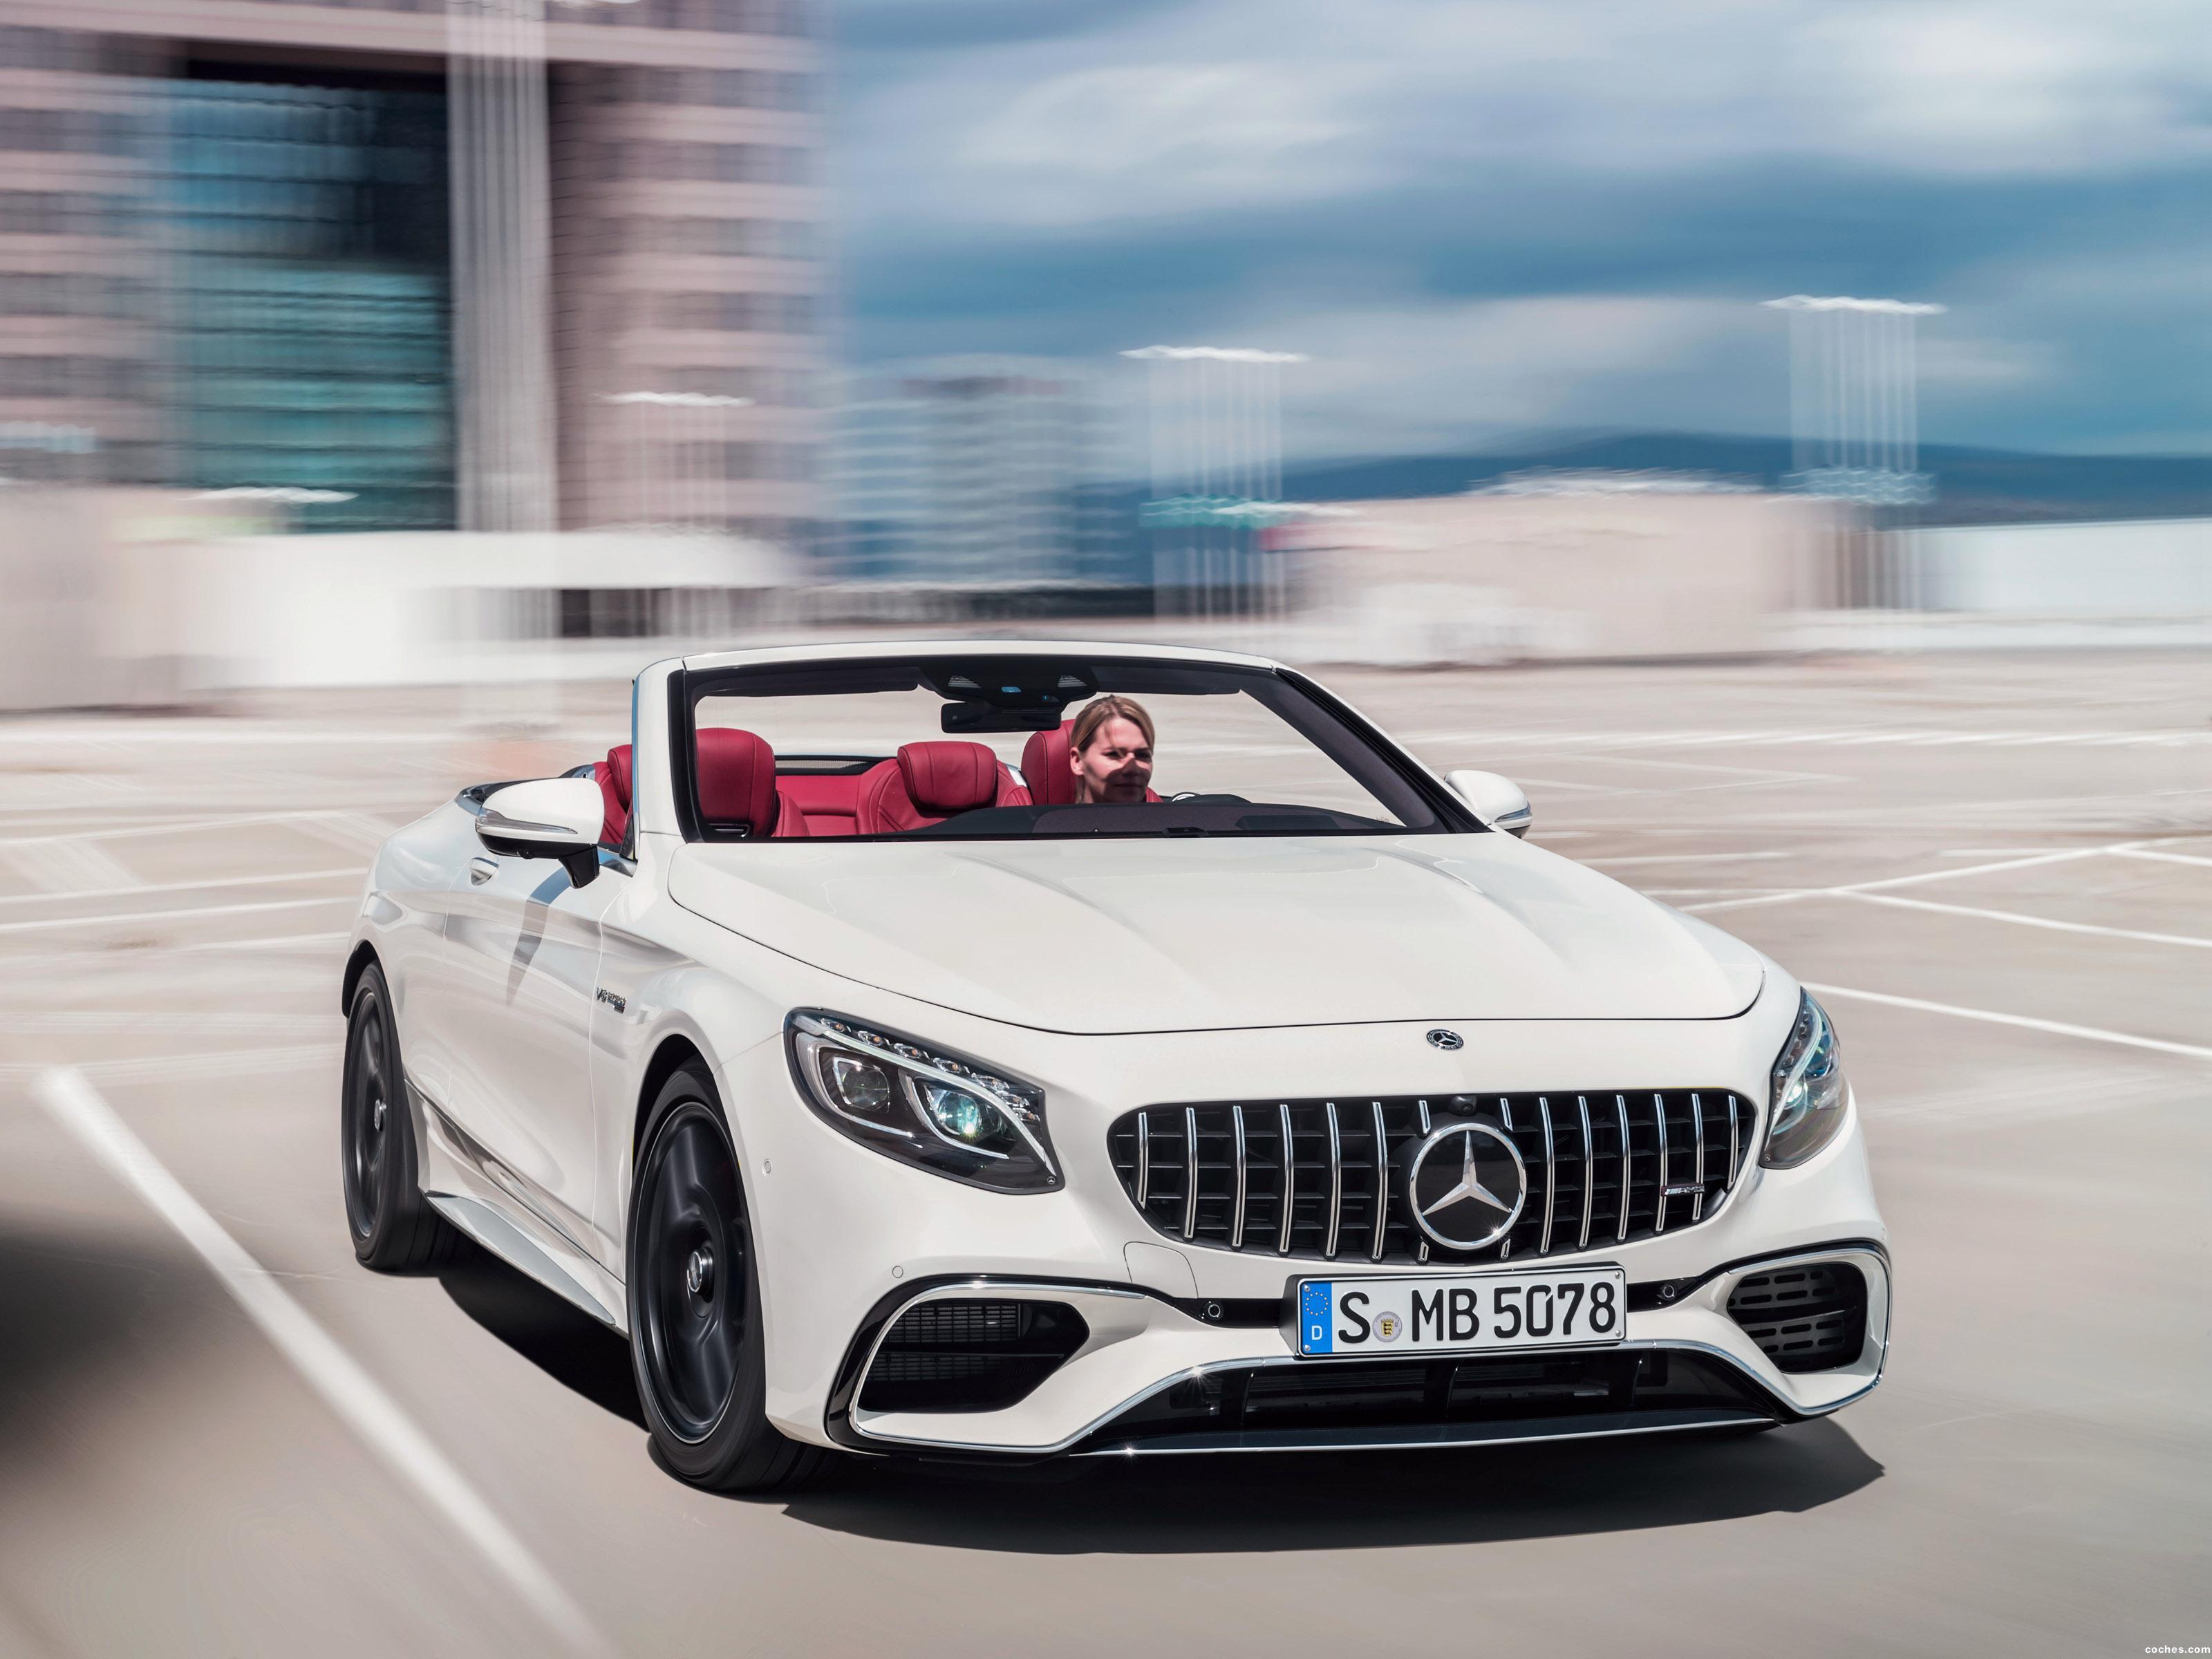 Foto 0 de Mercedes AMG S 63 4MATIC Cabriolet A217 2017